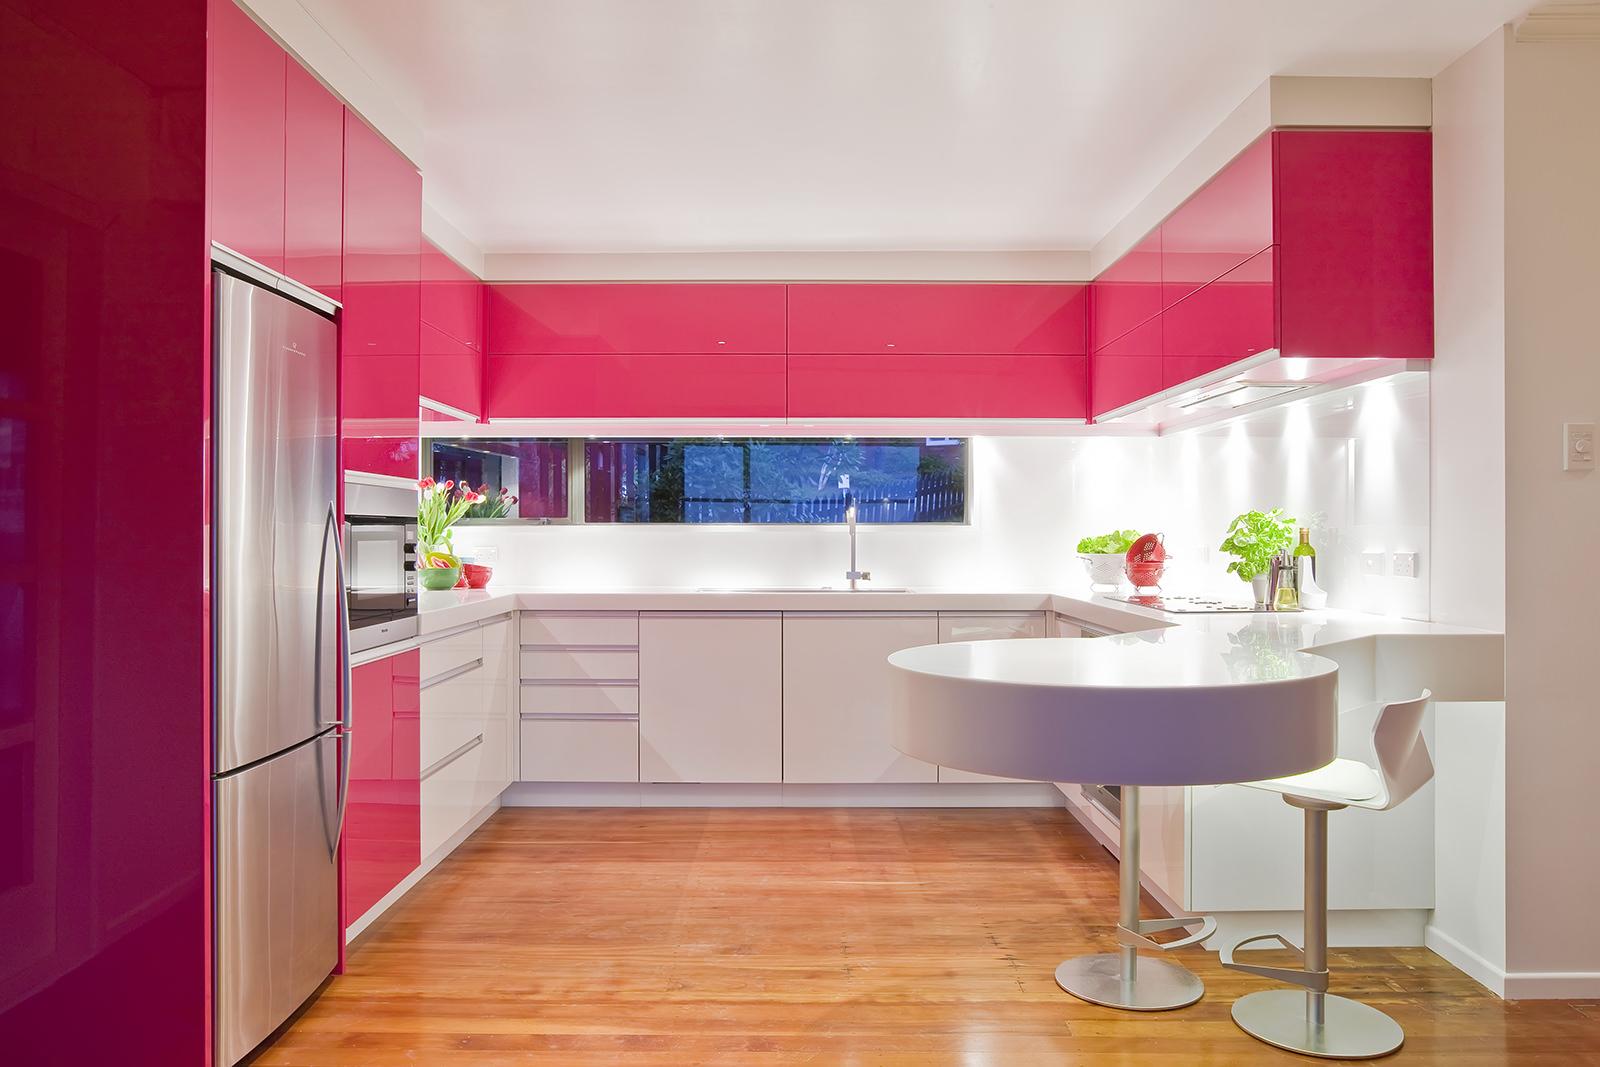 Бело-розовый гарнитур в интерьере кухни